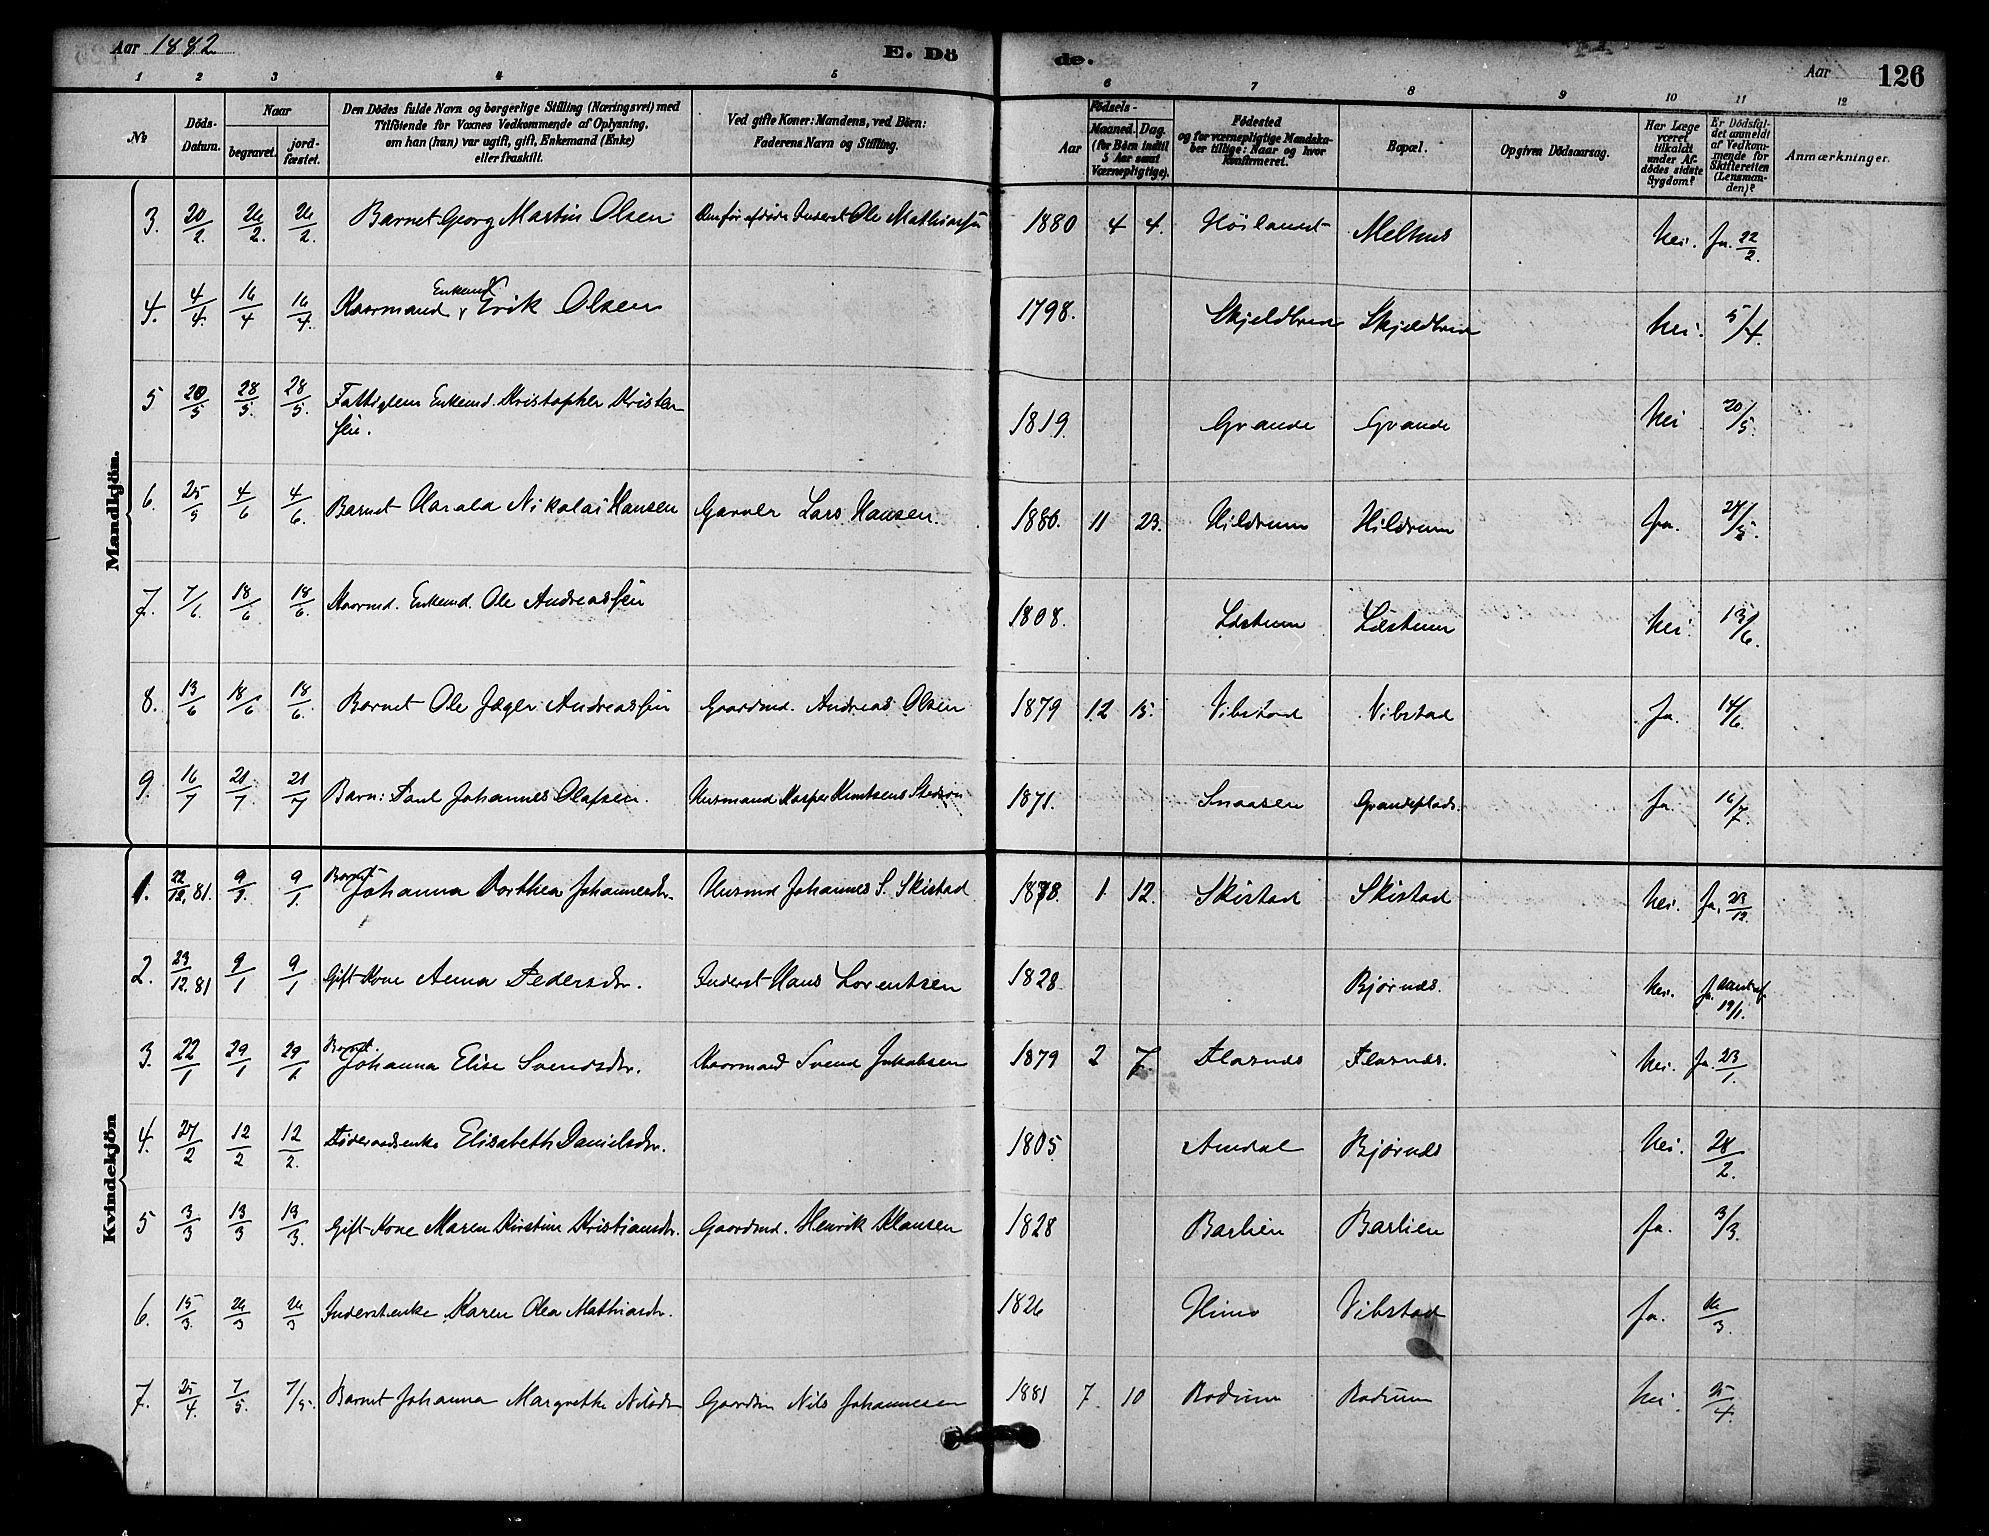 SAT, Ministerialprotokoller, klokkerbøker og fødselsregistre - Nord-Trøndelag, 764/L0555: Ministerialbok nr. 764A10, 1881-1896, s. 126